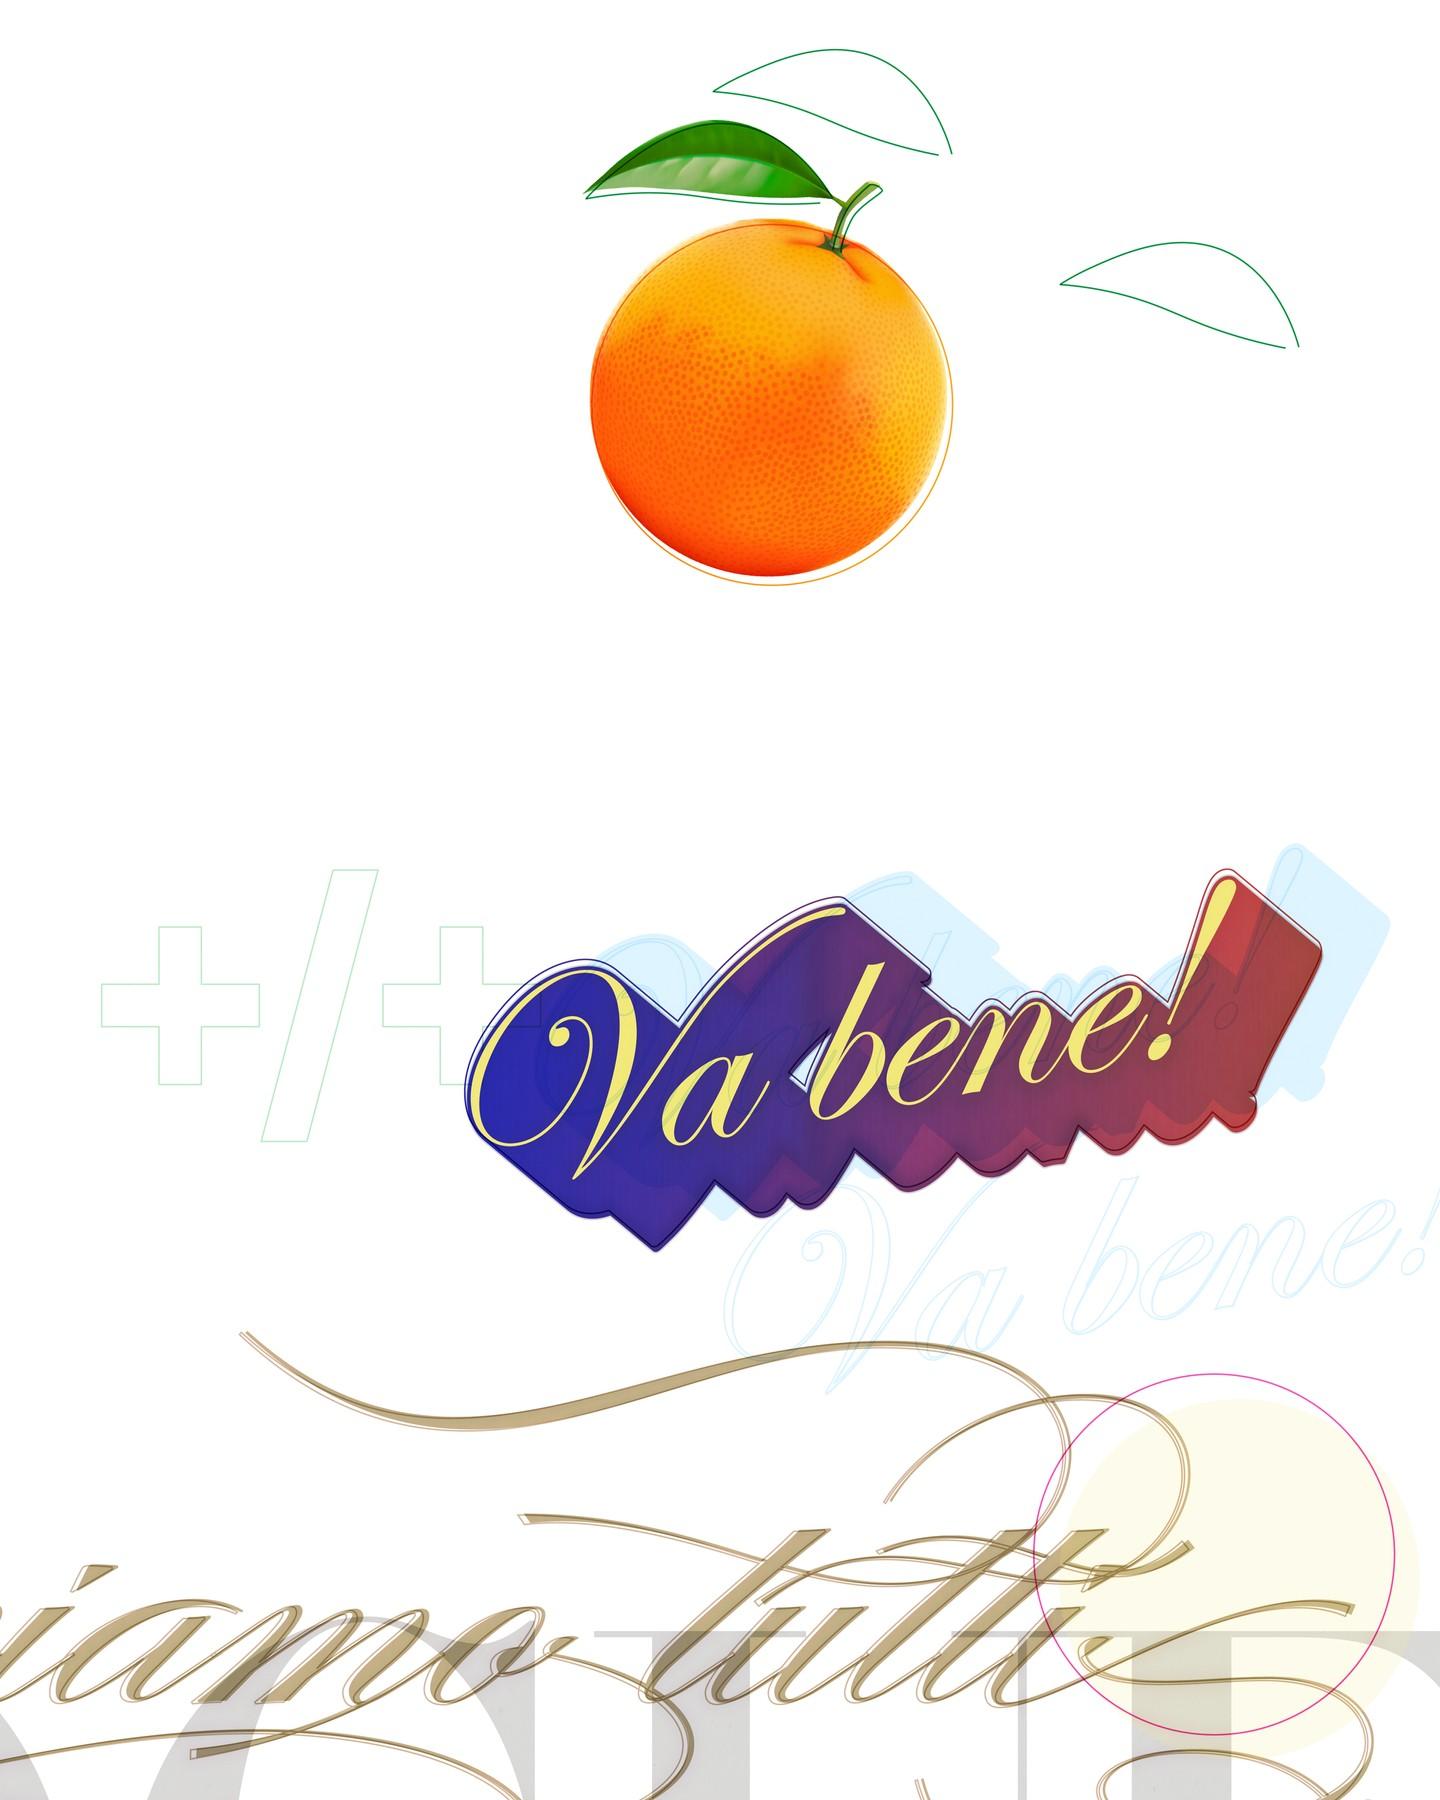 paradiso-edit-1-5x4-social-crop-2.png